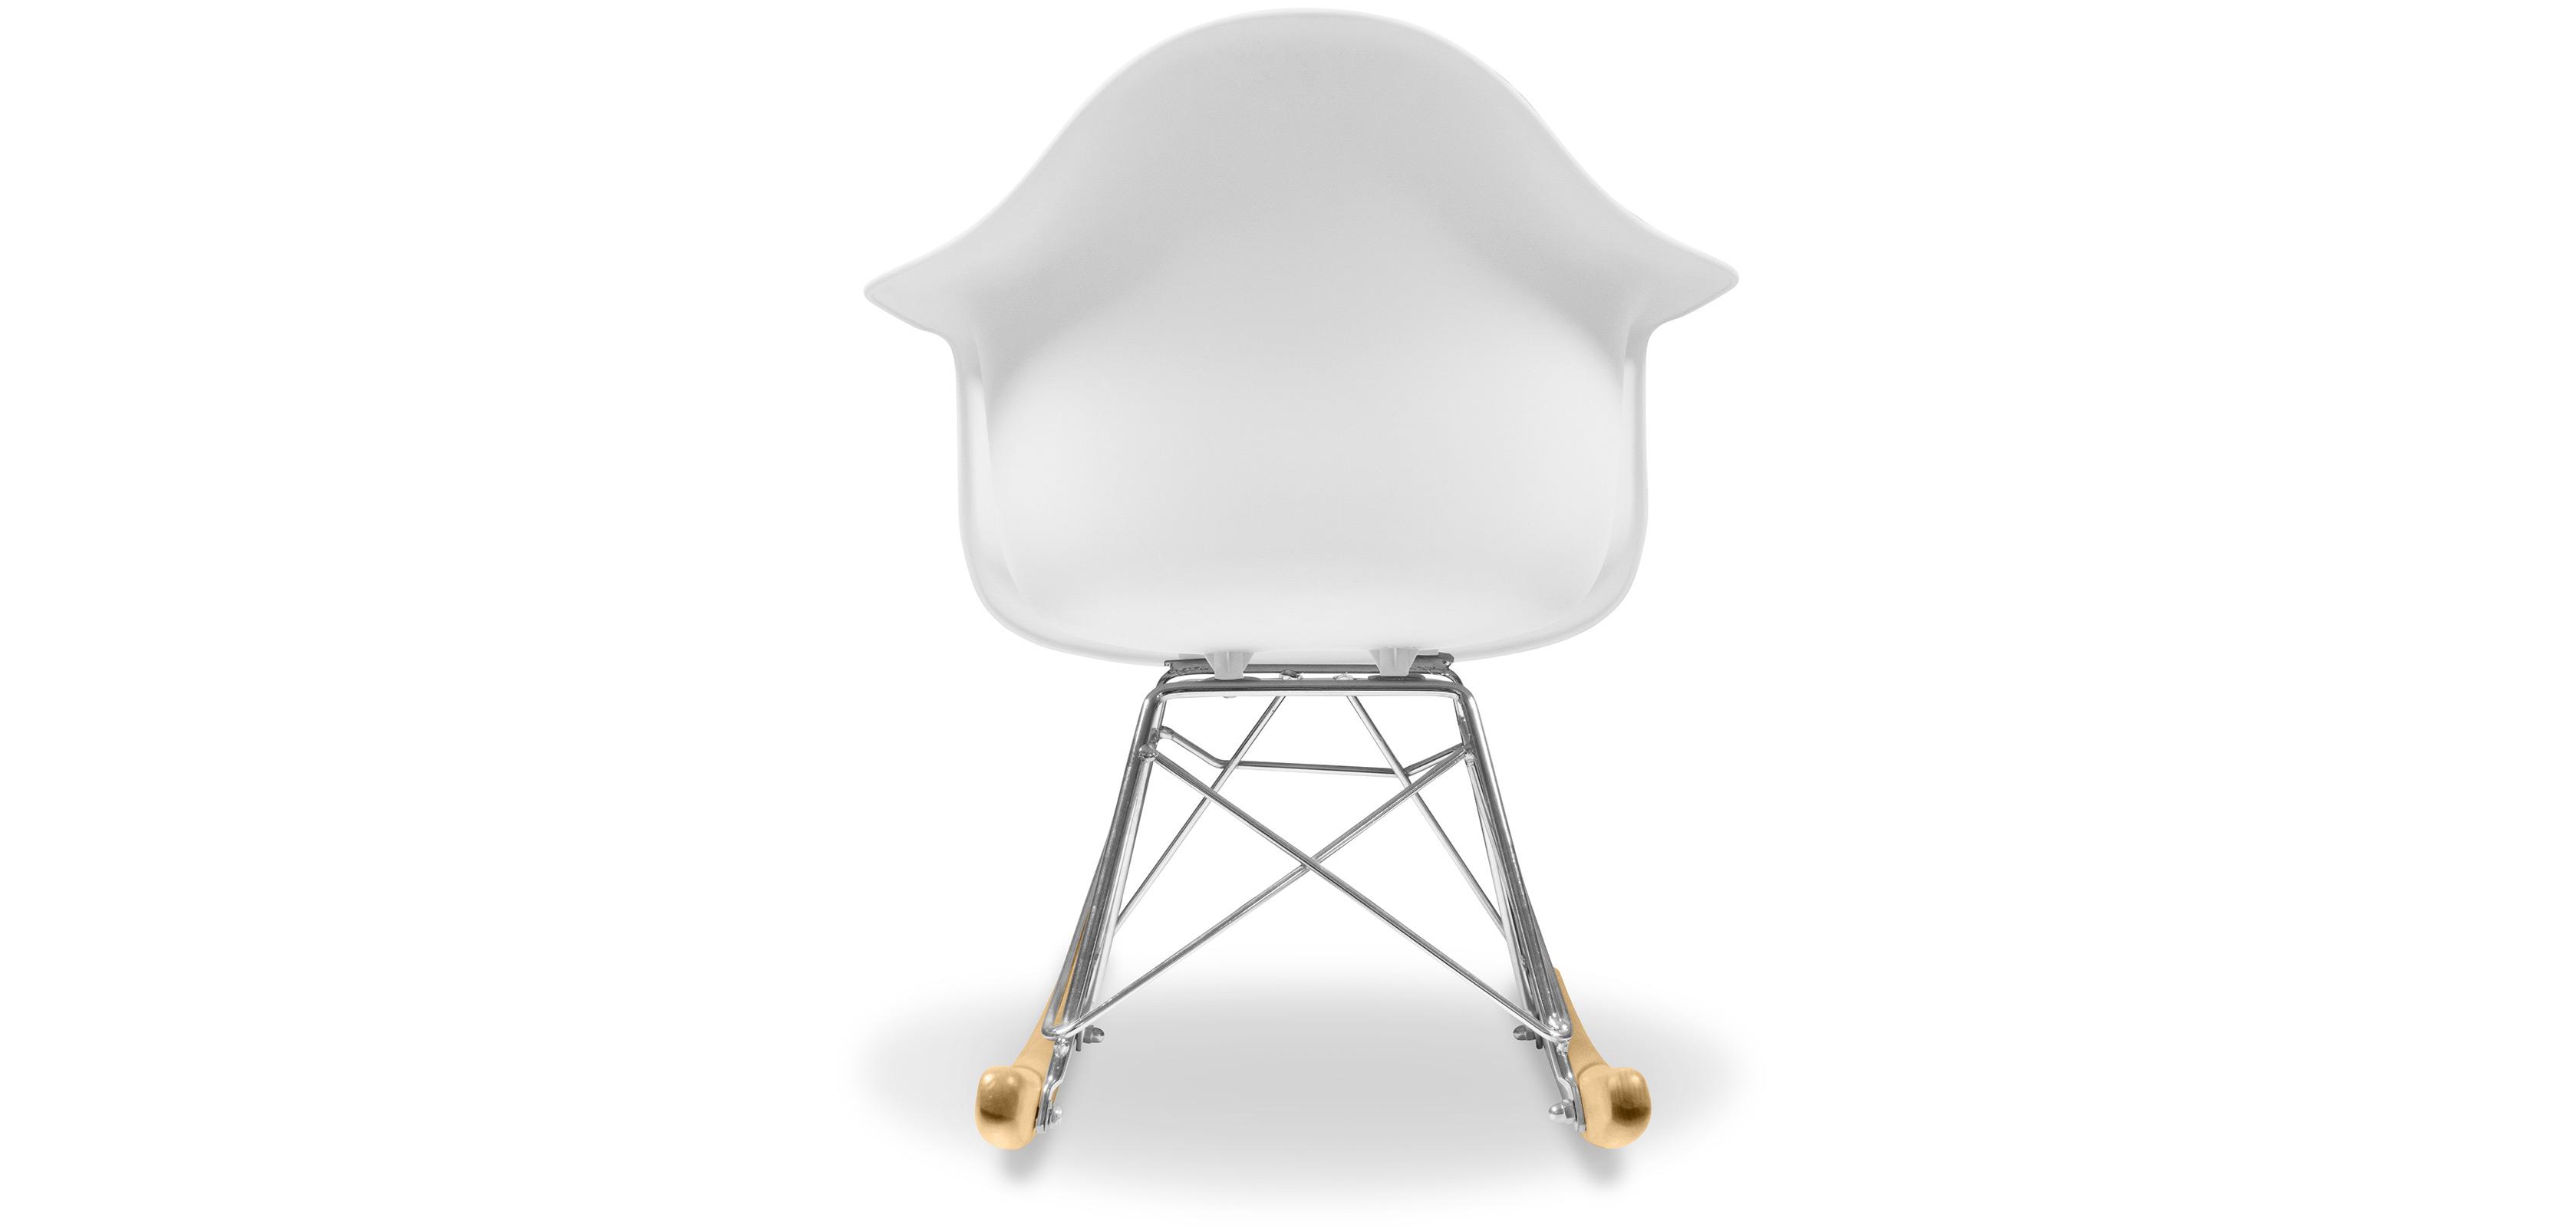 balance chair for kids garden table and 2 chairs b q children polypropylene matt